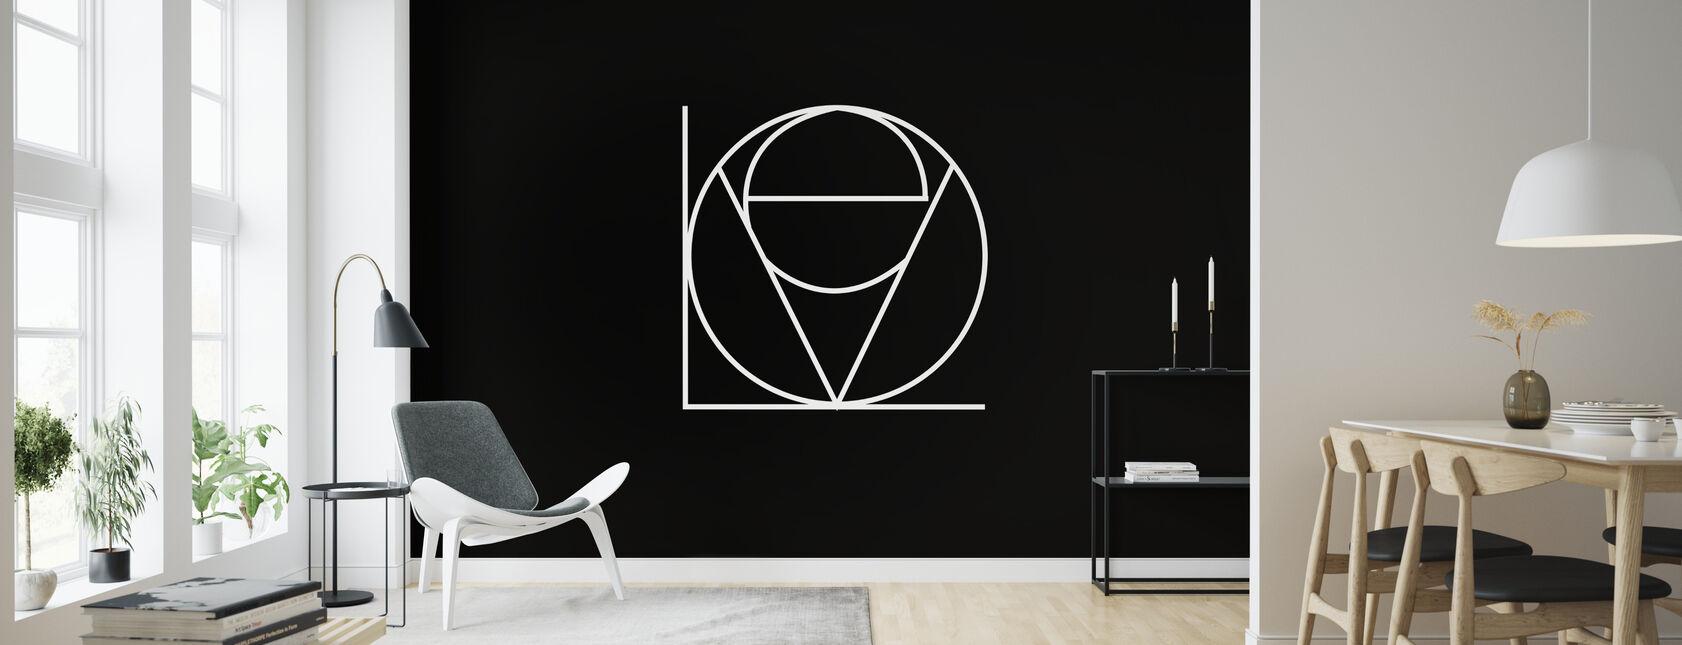 Love Black - Wallpaper - Living Room